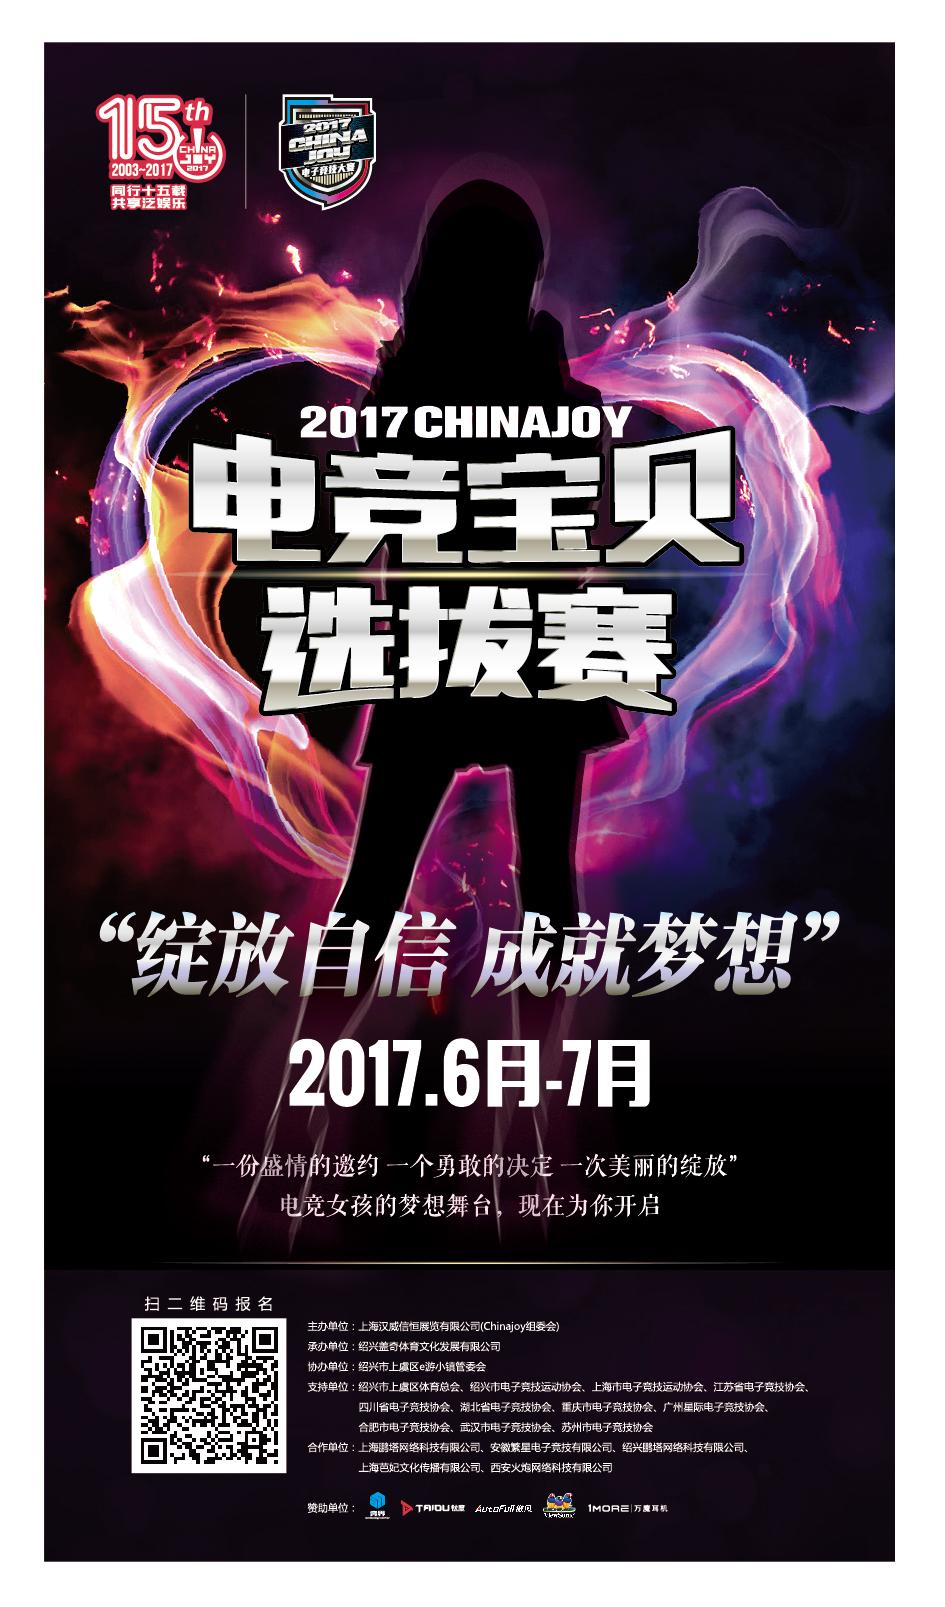 电竞社纳新海报内容